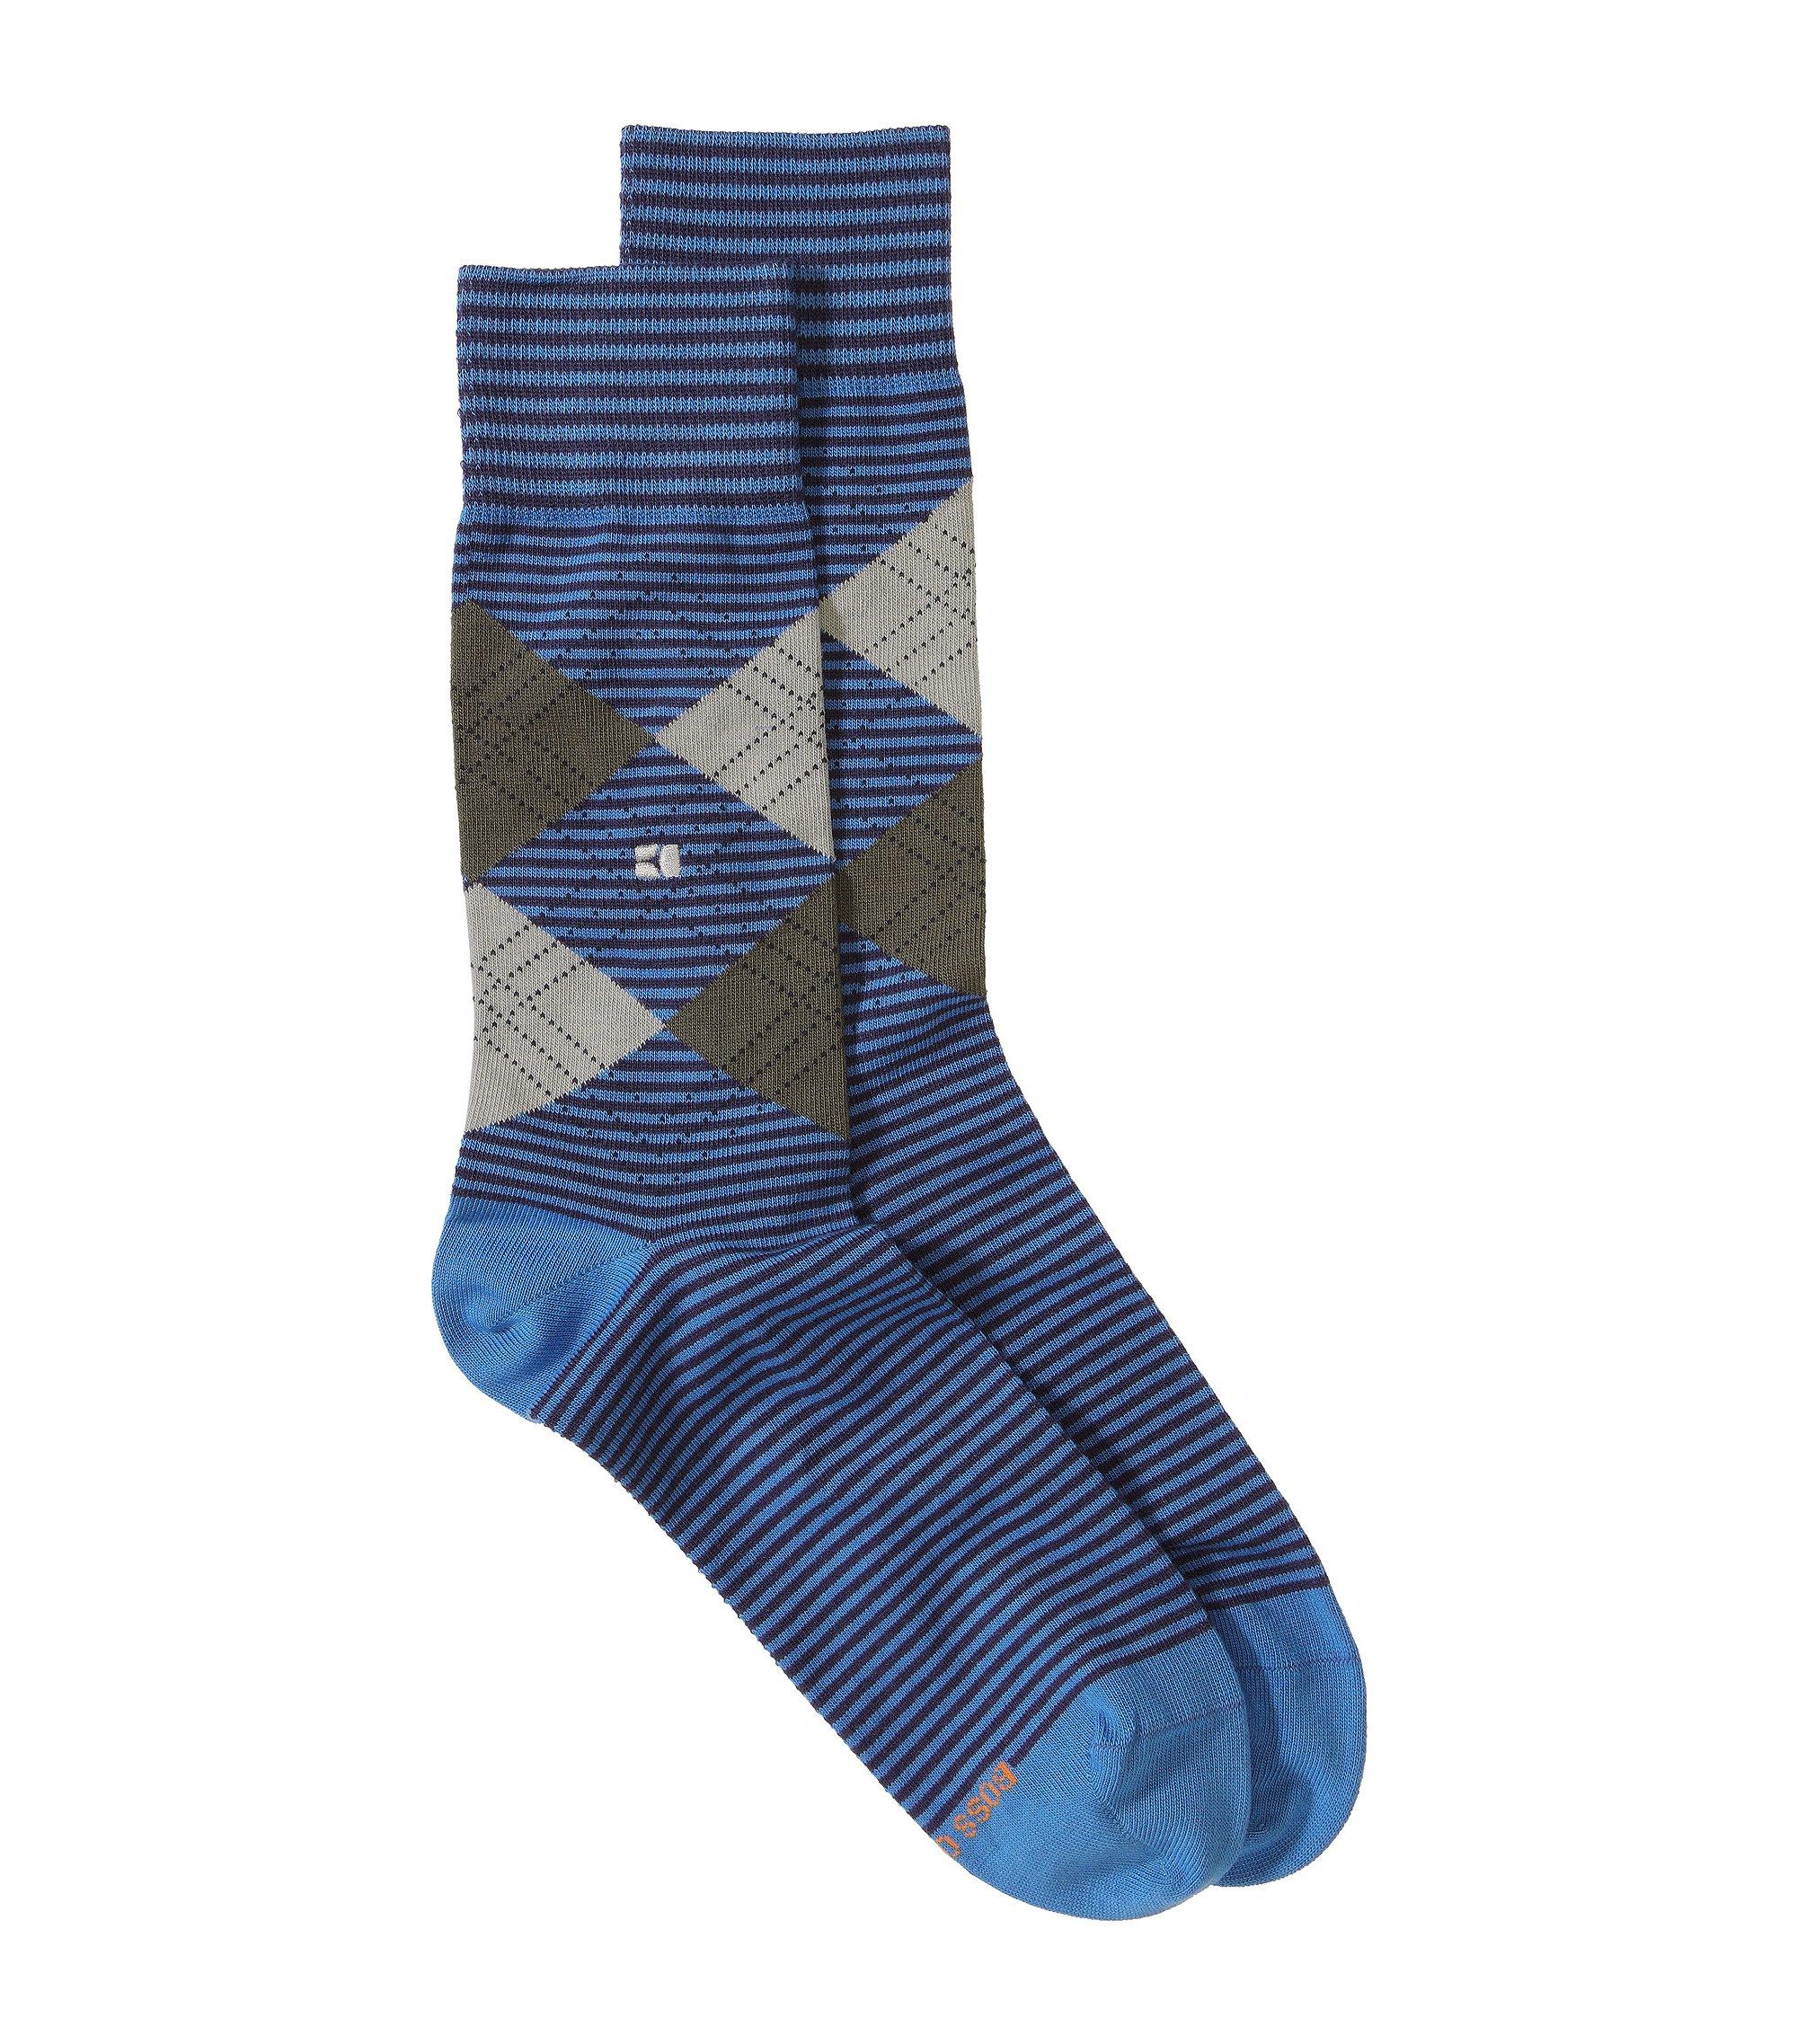 Socken ´Art/ApT` mit druckfreiem Komfortbund, Hellblau